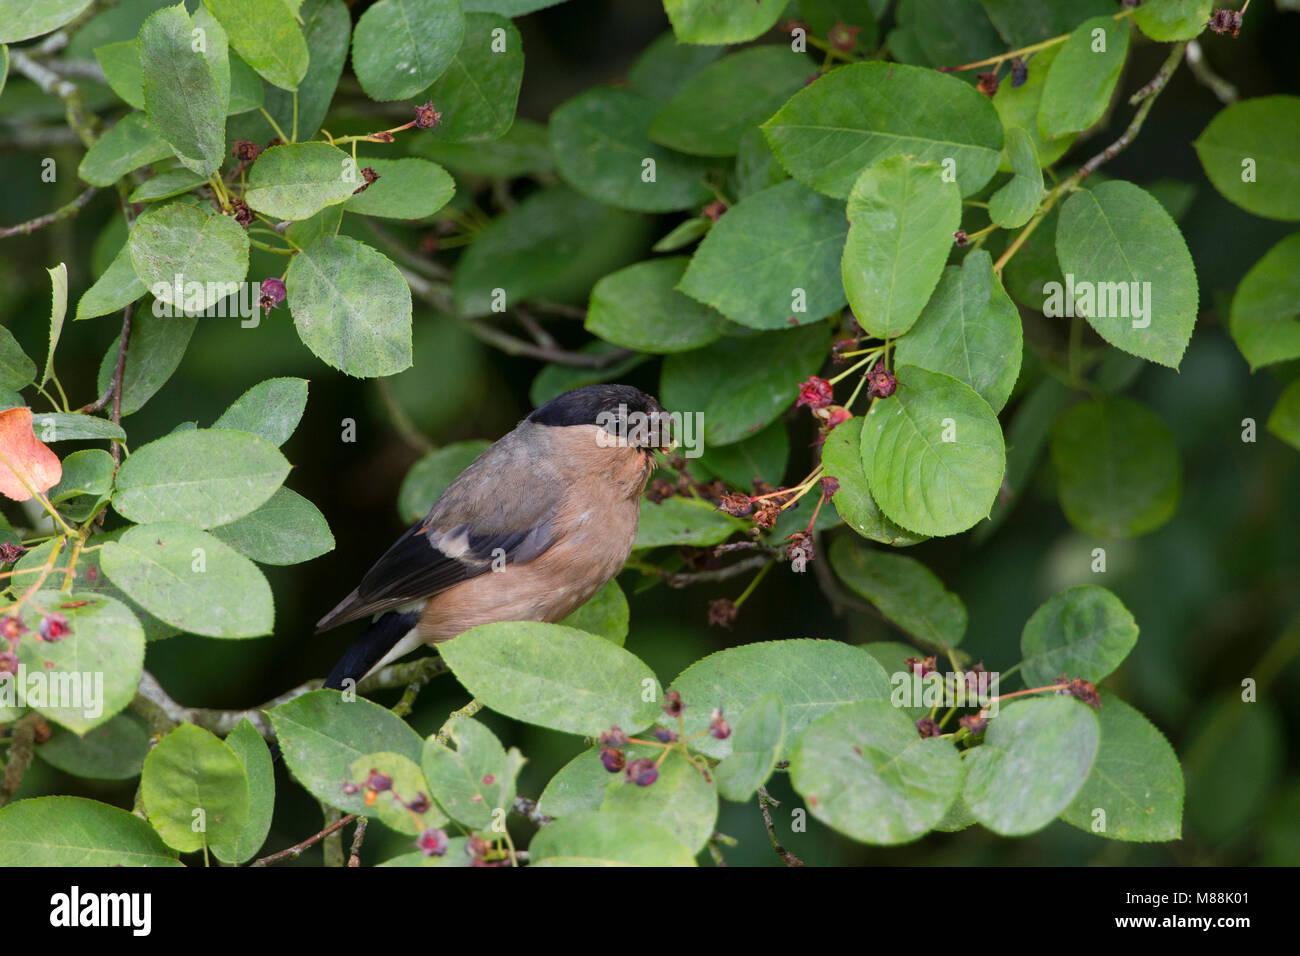 Bullfinch, Pyrrhula pyrrhula, single adult female feeding on fruits of Amelanchier canadensis. Worcestershire, UK. - Stock Image